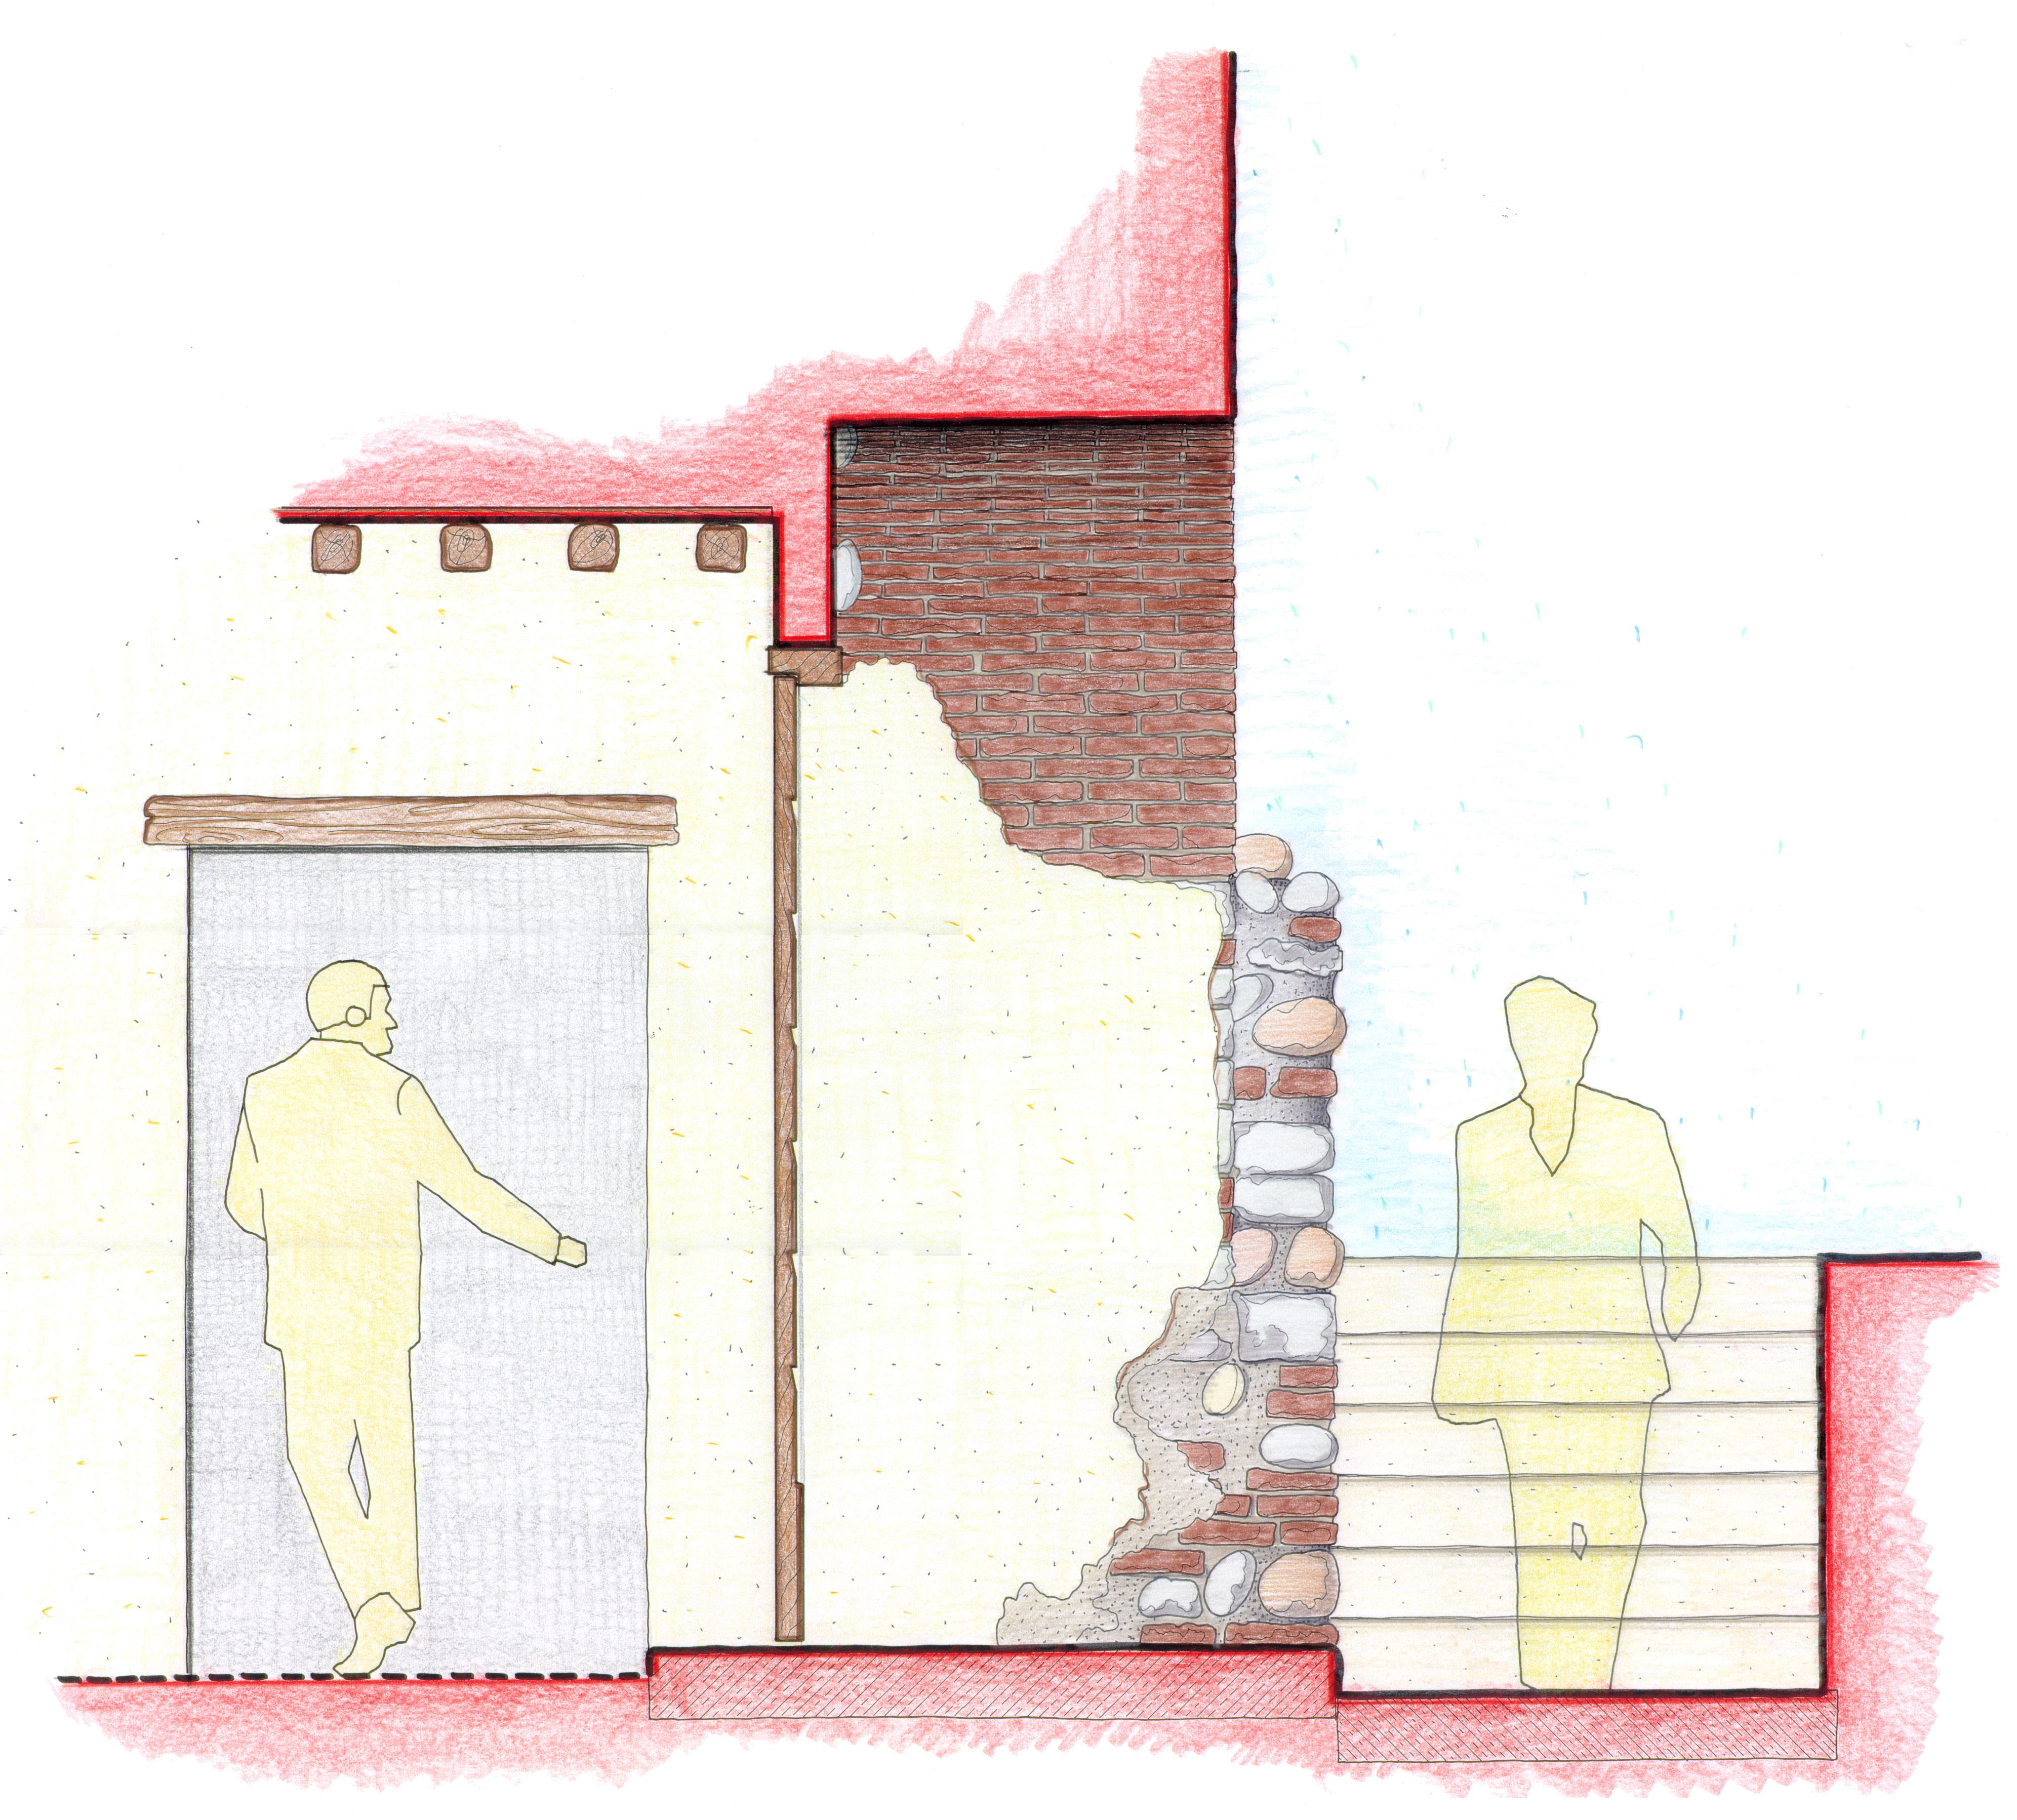 guardiola-porta su cortile-sezione.jpg